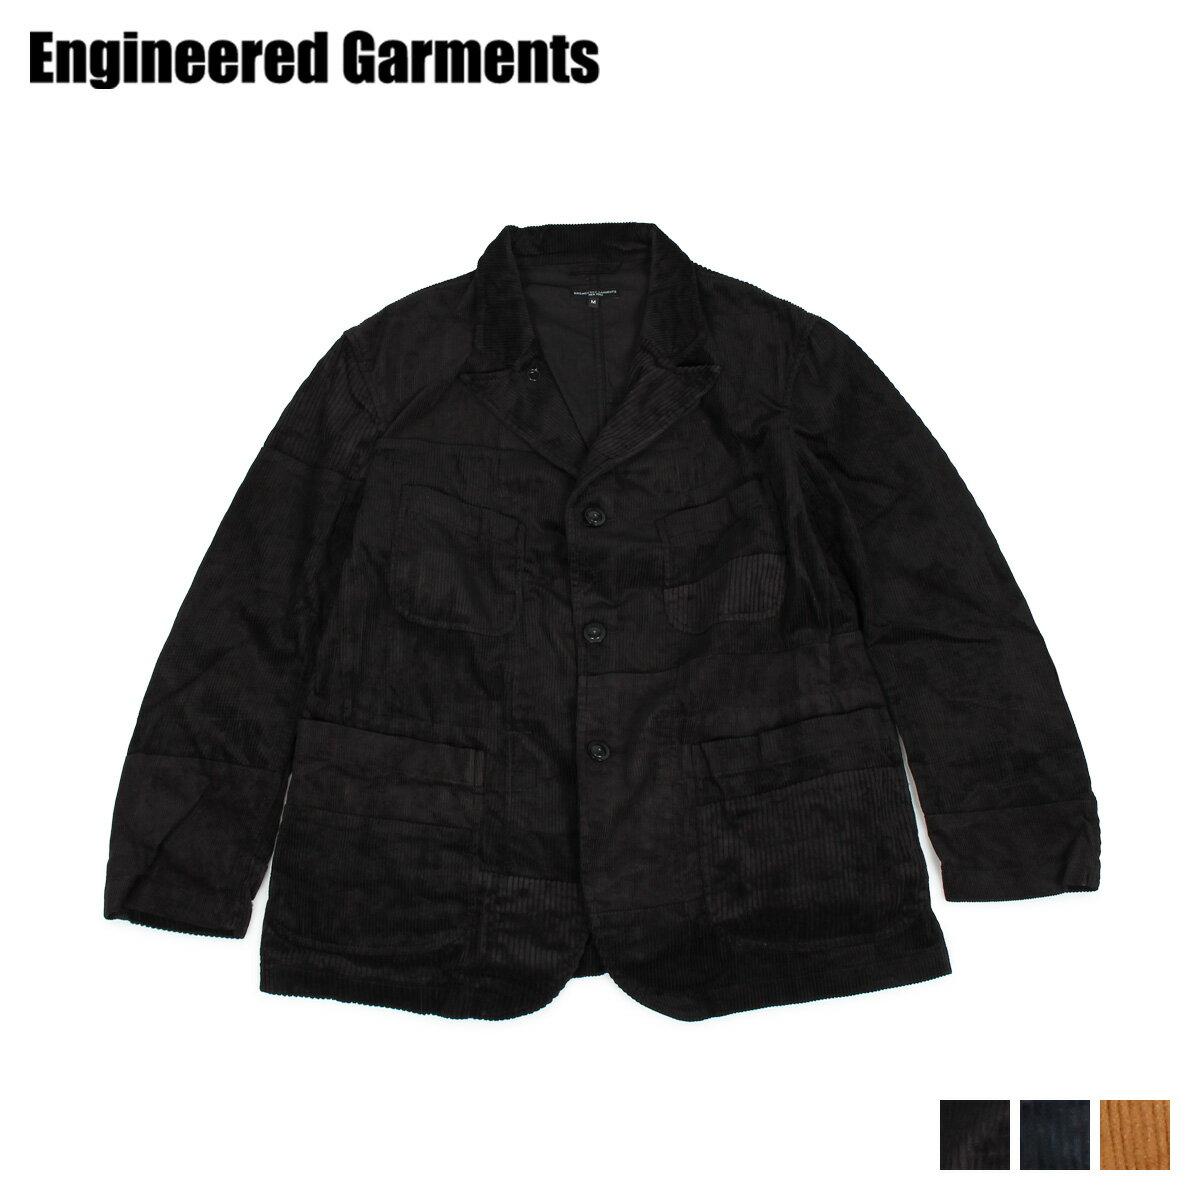 メンズファッション, コート・ジャケット 600OFF ENGINEERED GARMENTS BEDFORD JACKET 19FD005